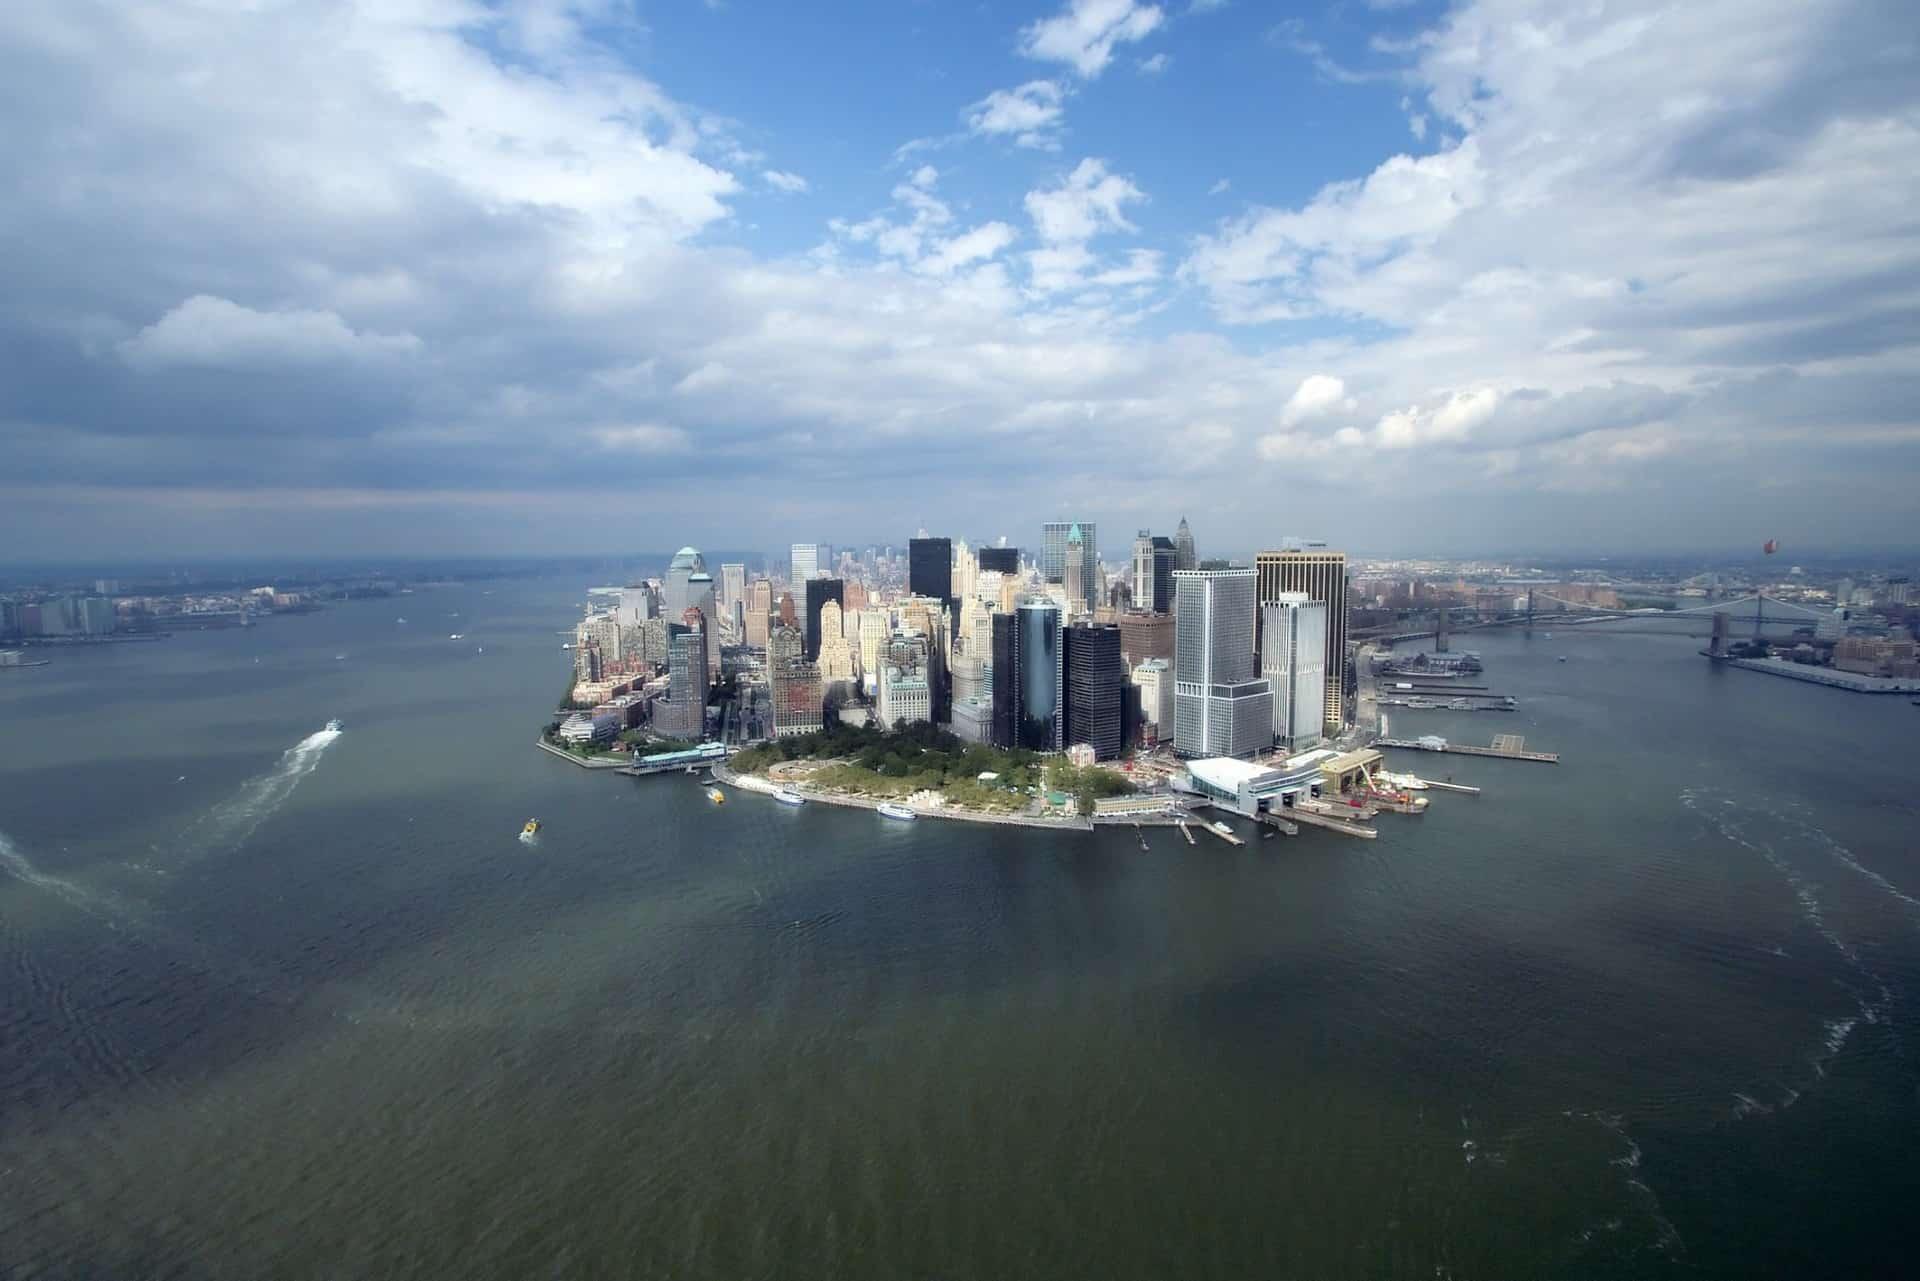 ברוכים הבאים לניו יורק שלי!